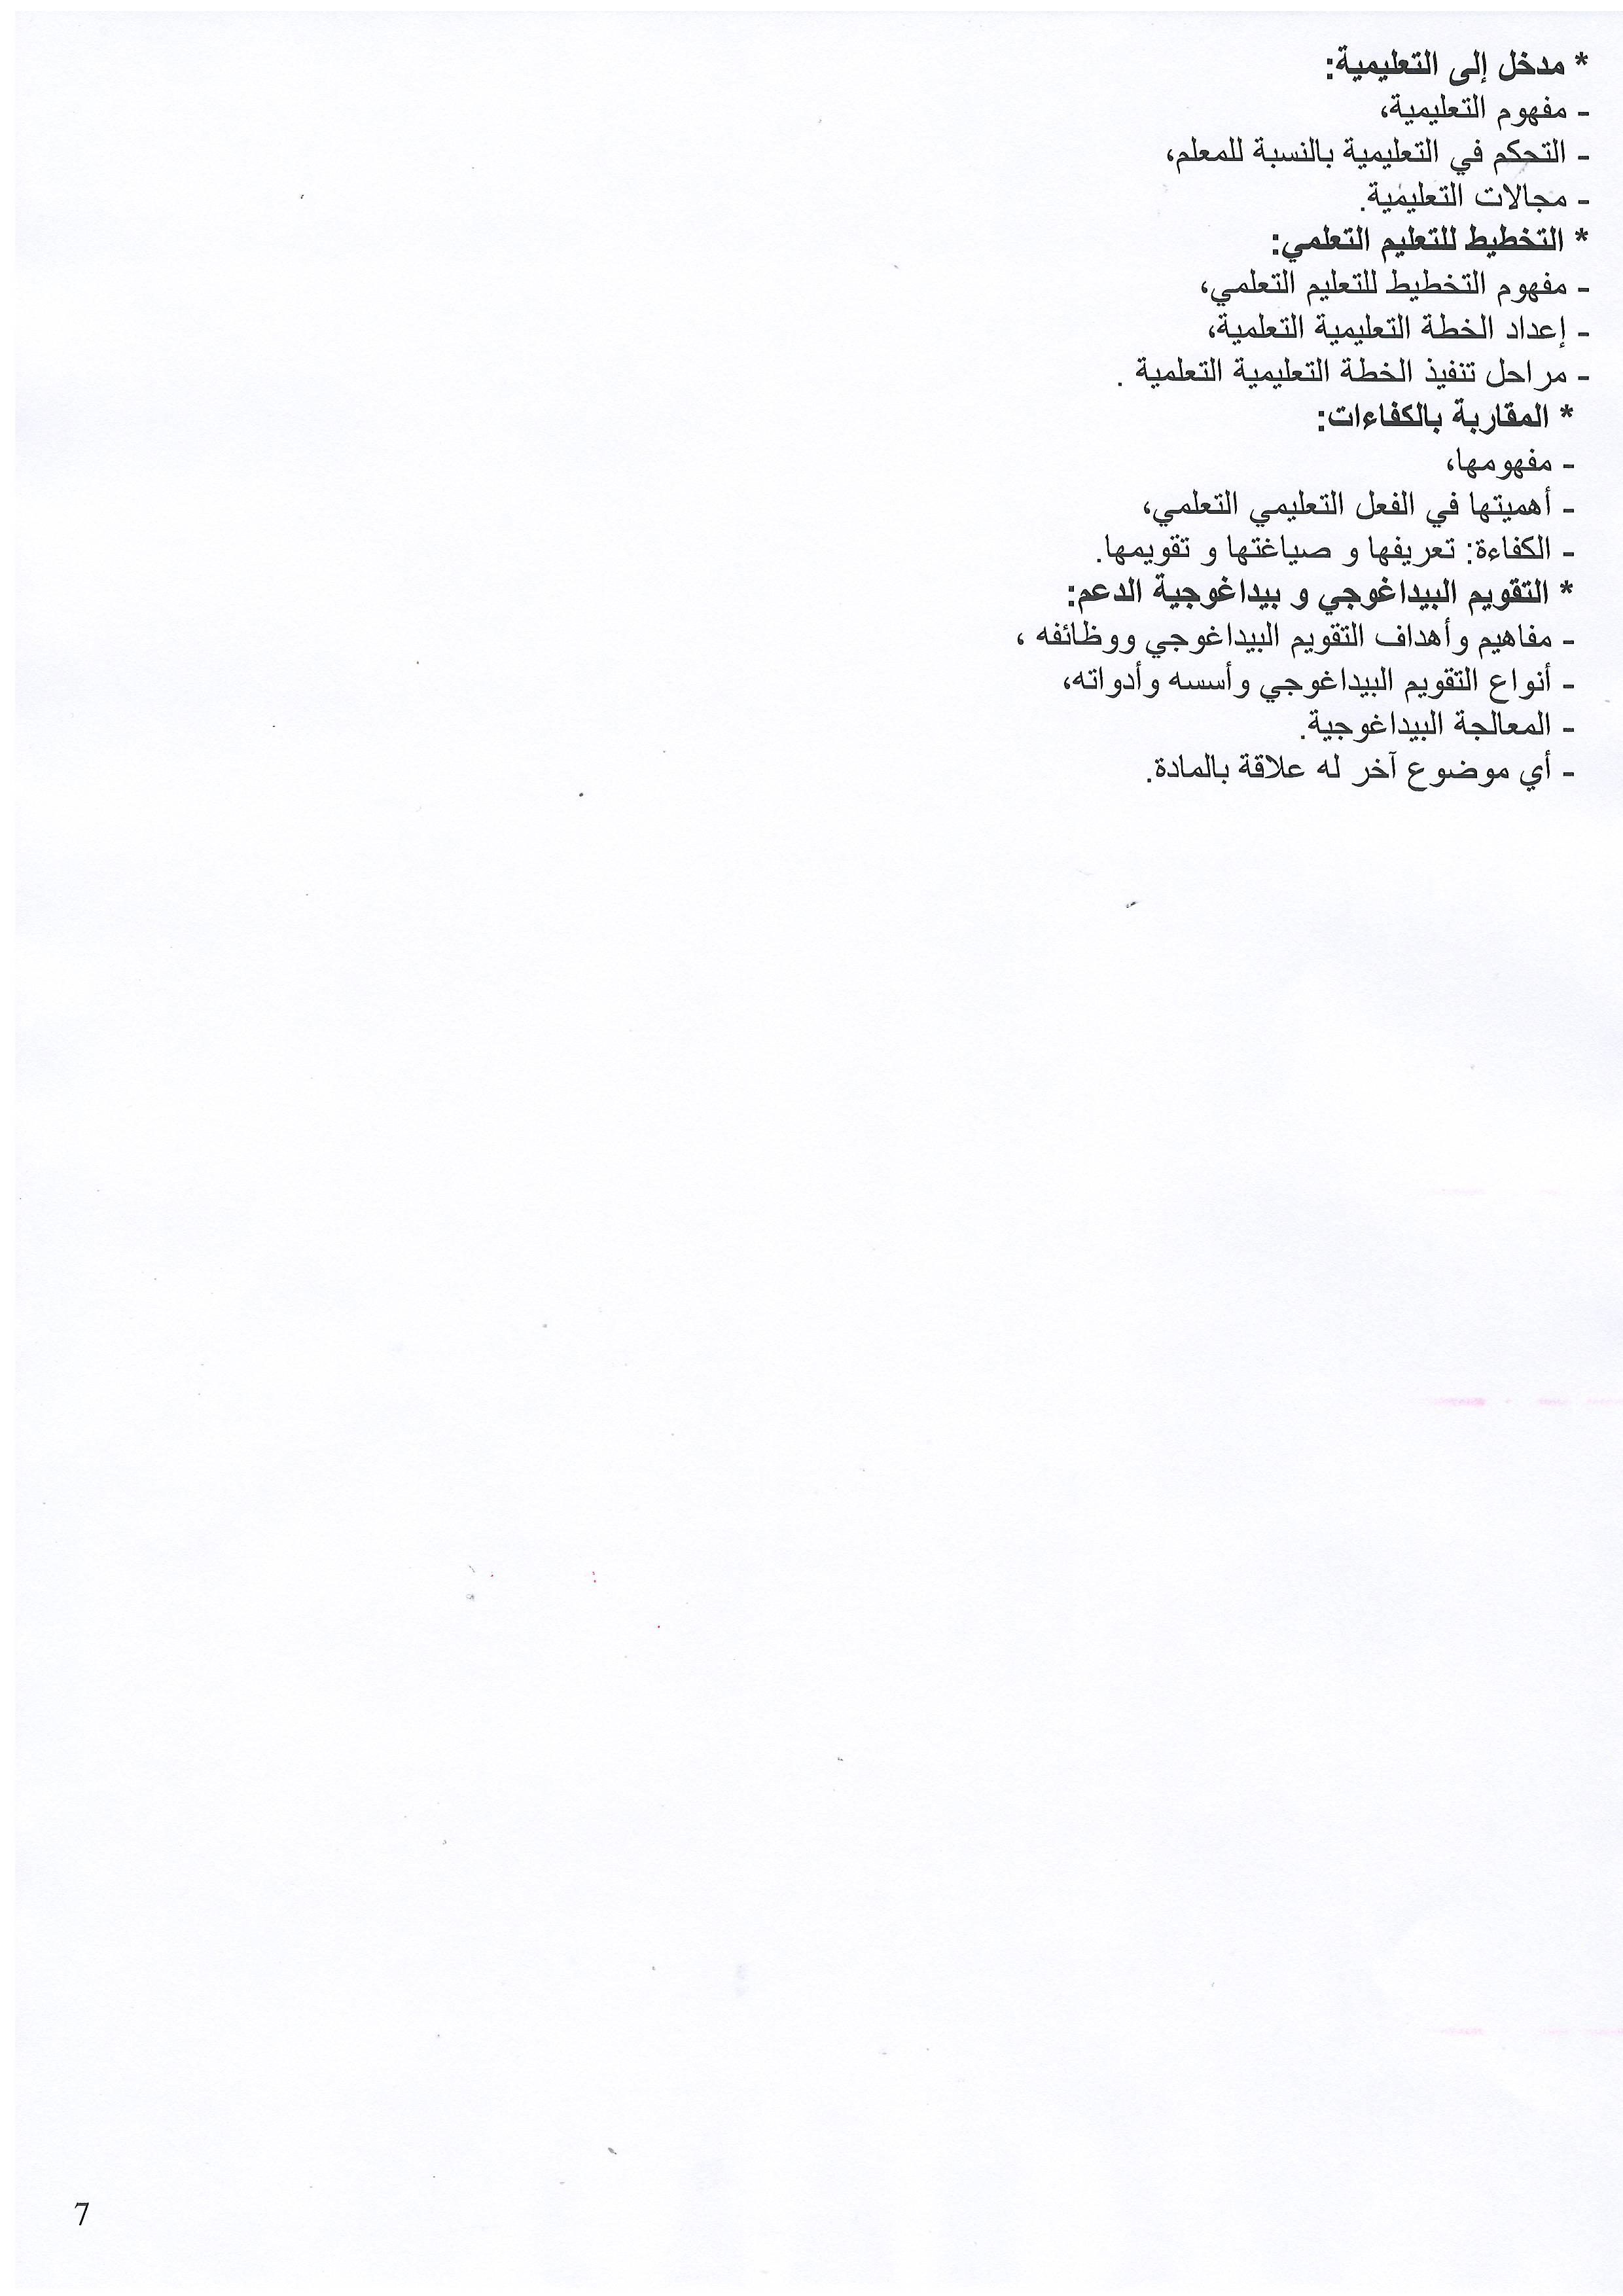 مواضيع مسابقة  استاذ  /استاذ مكون /استاذ رئيسي جميع التخصصات  EXAMEN-PROFESSIONNEL7